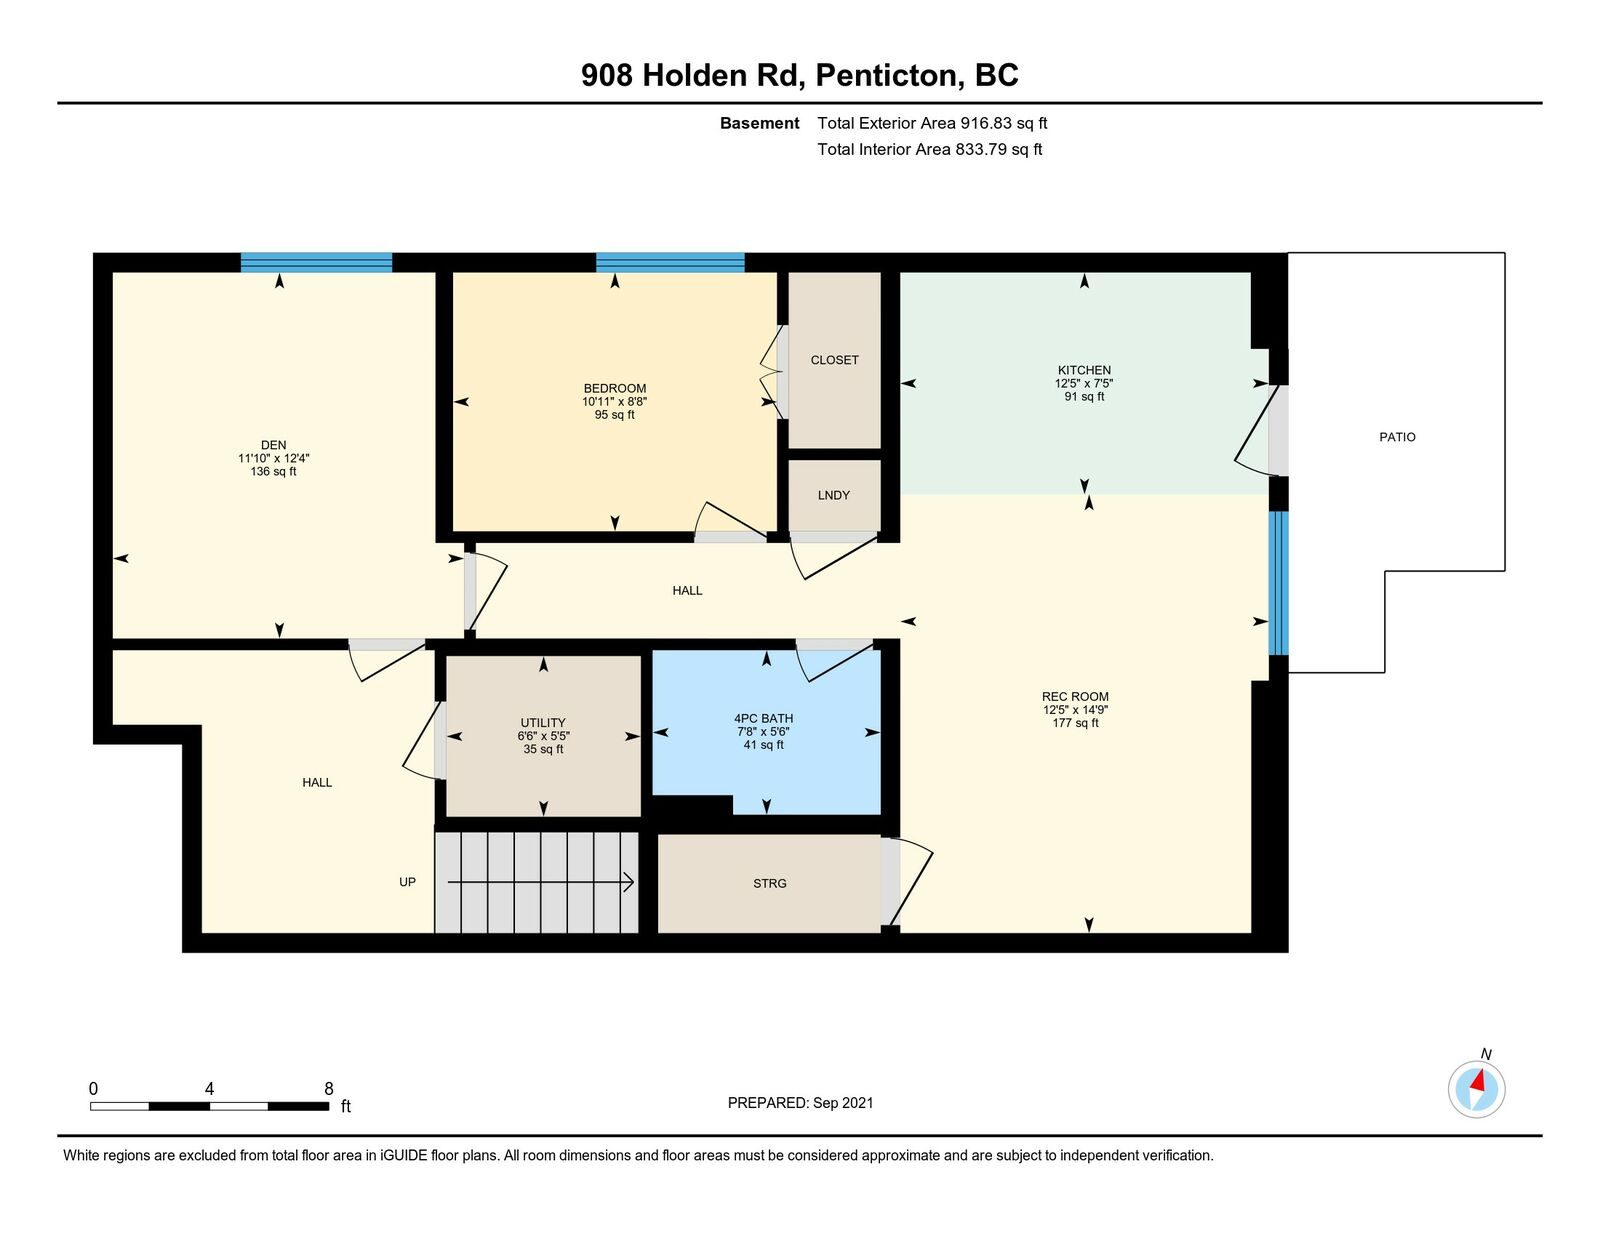 Floor Plan, Basement